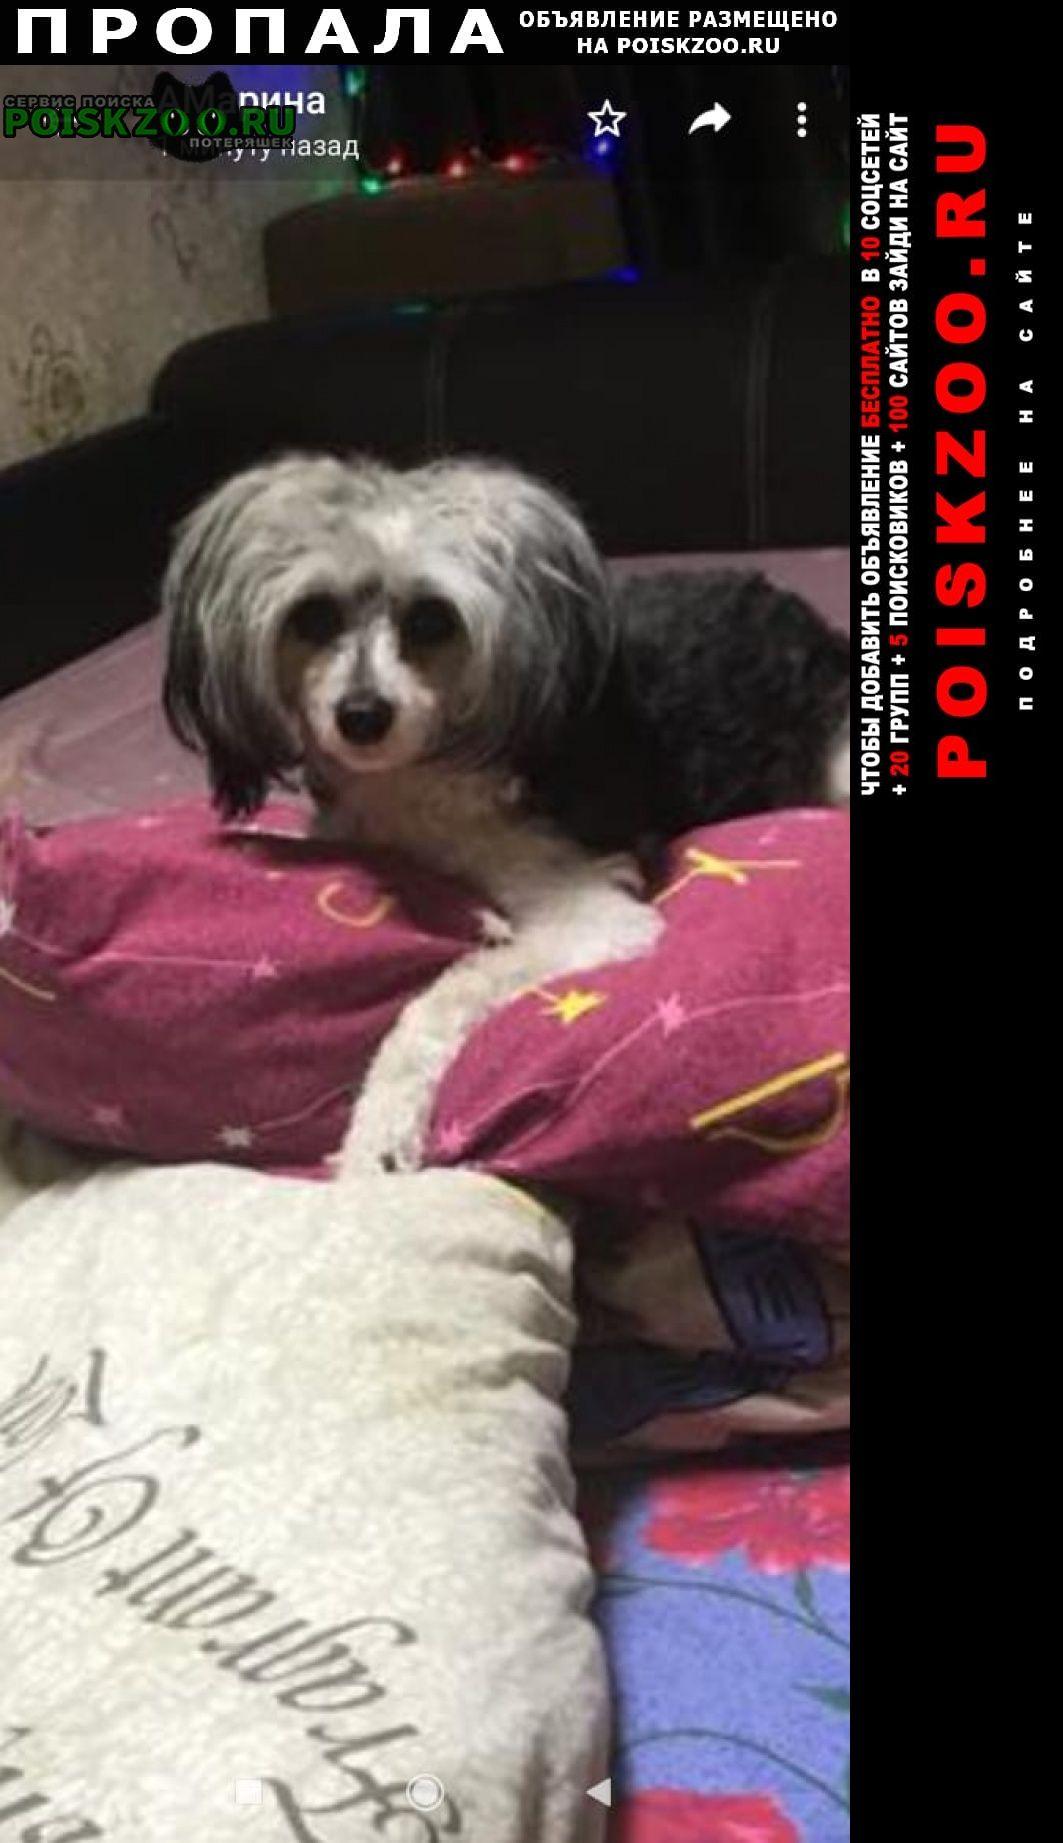 Хабаровск Пропала собака китайская хохлатая